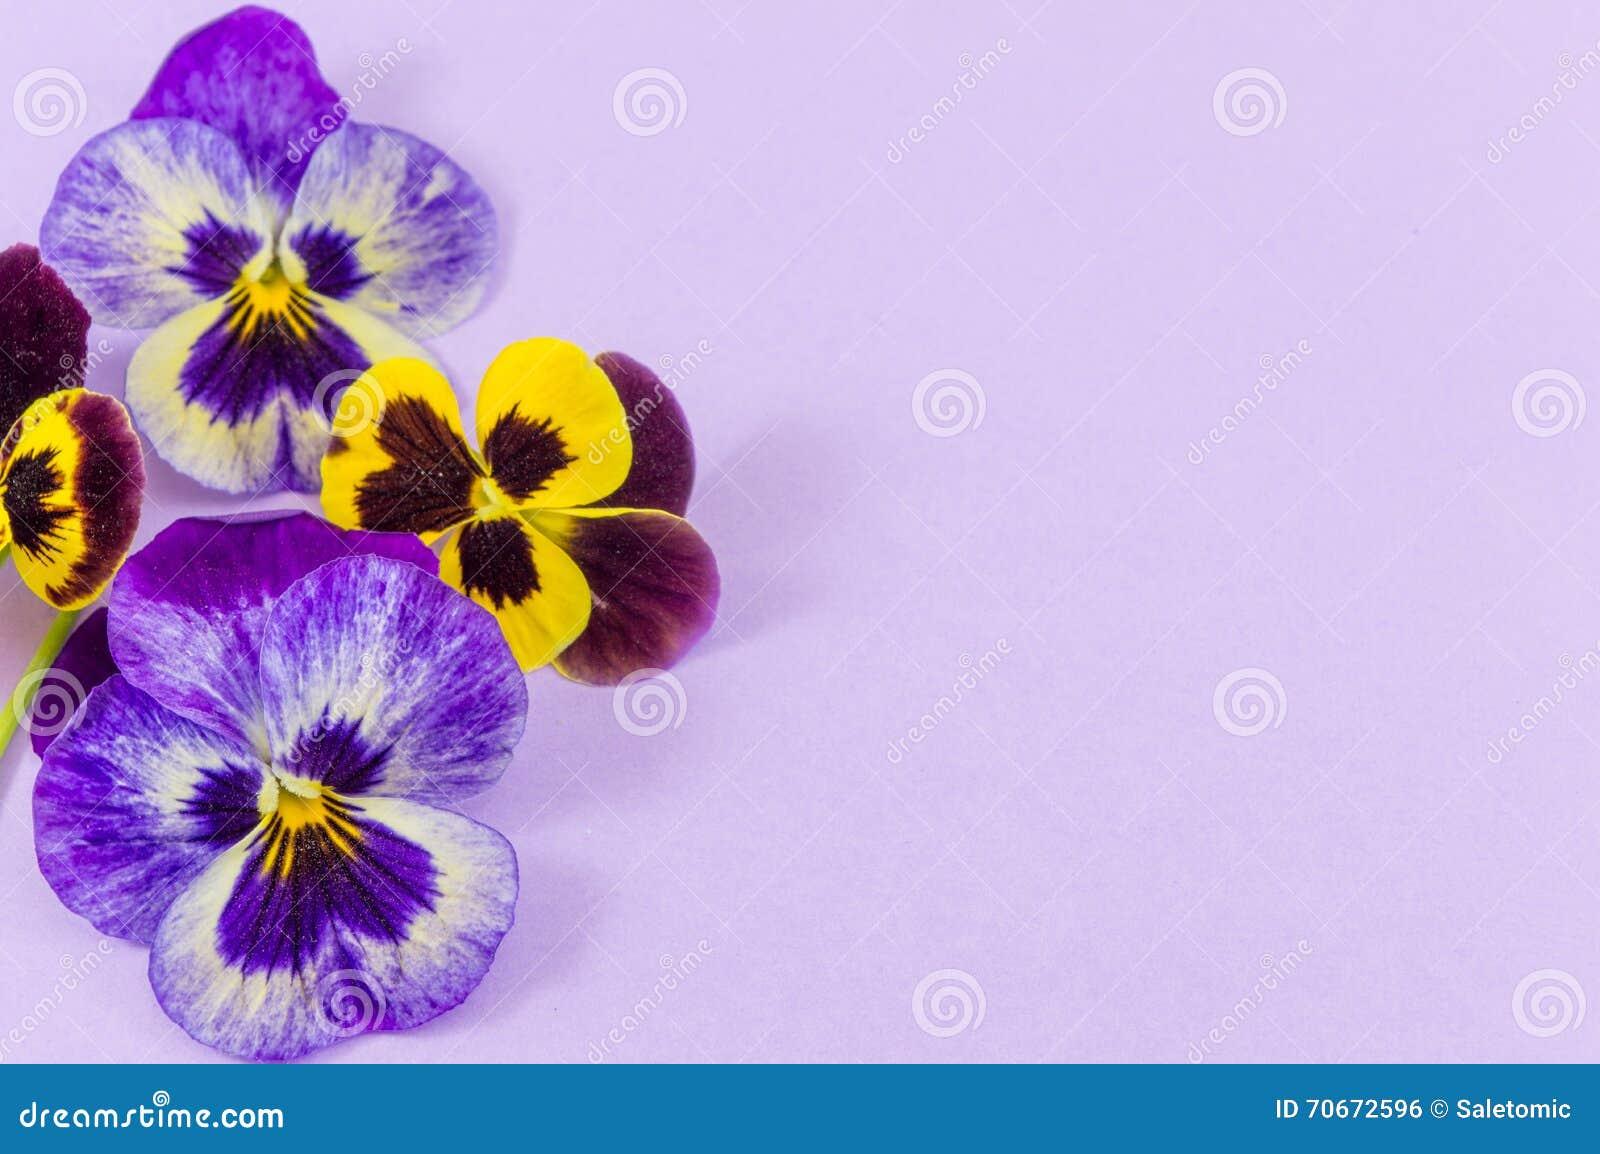 Fiori Viola Gialli.Fiori Viola E Gialli Fotografia Stock Immagine Di Blank 70672596